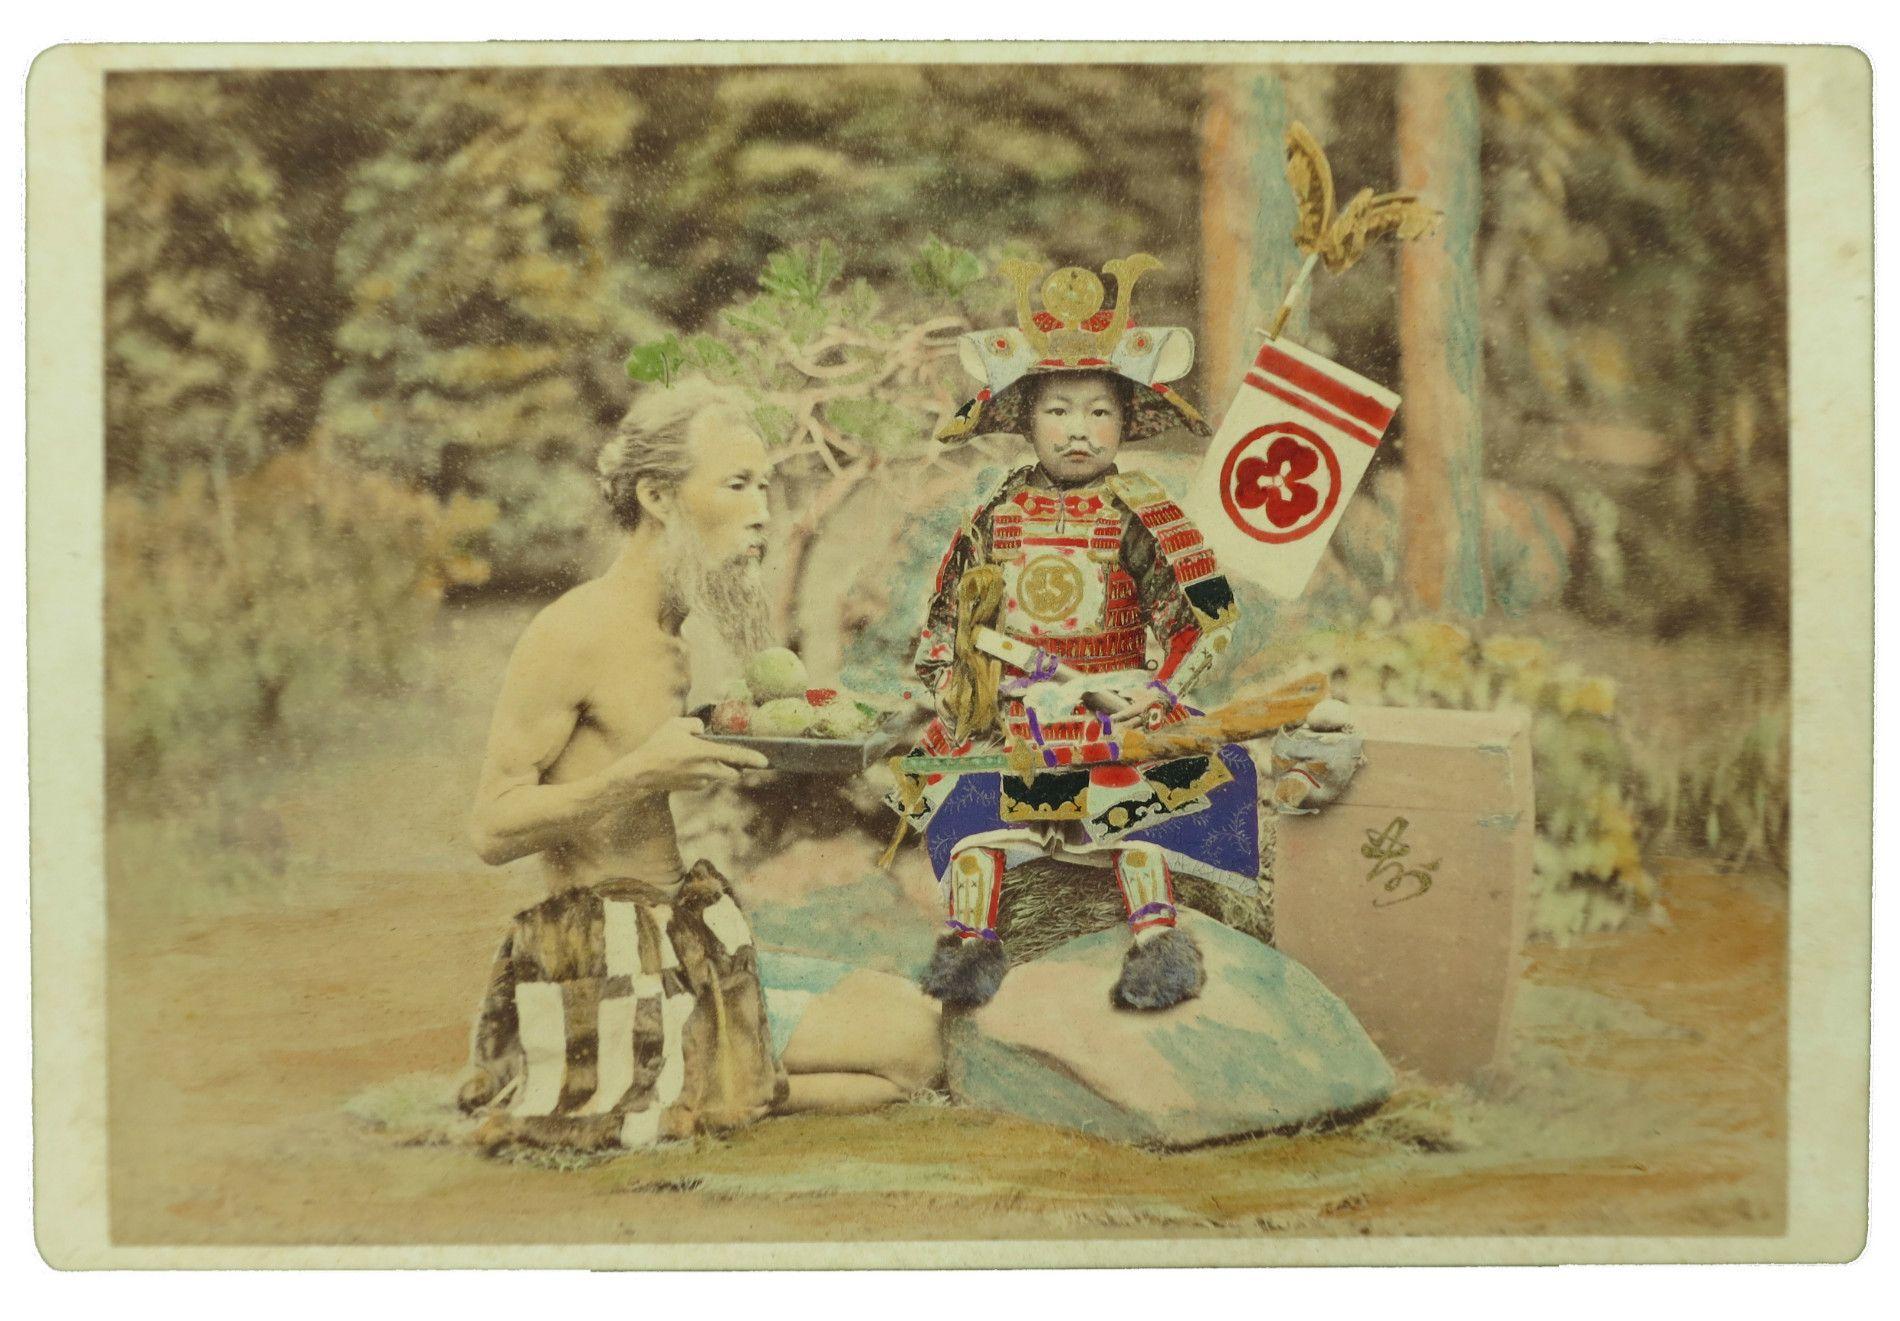 鈴木真一《(子供の武将)》明治時代中期 鶏卵紙に手彩色 後藤新平記念館